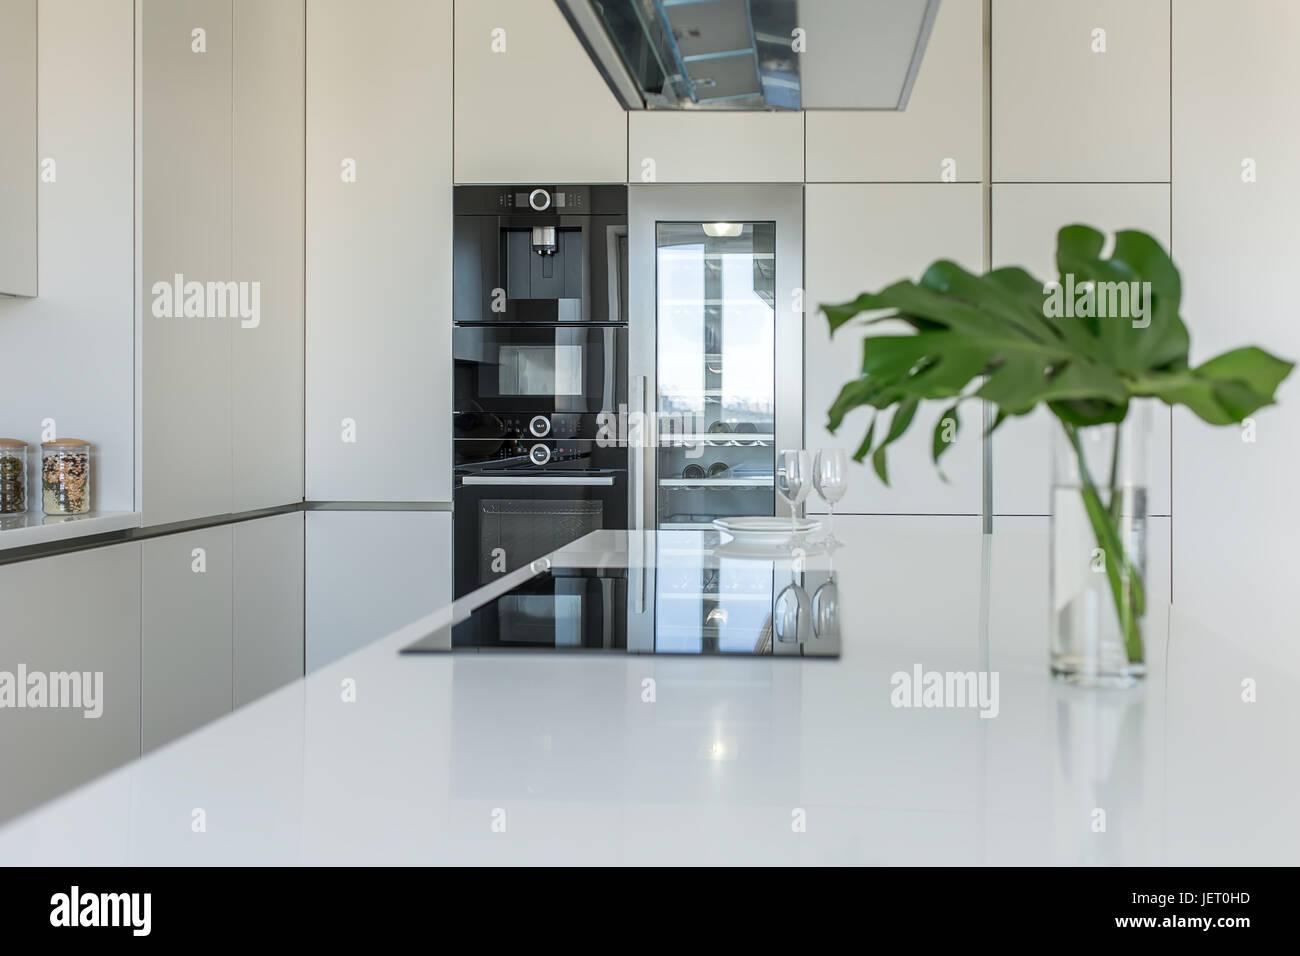 Moderne Küche mit hellen Wänden. Es ist eine weiße Tischplatte mit ...